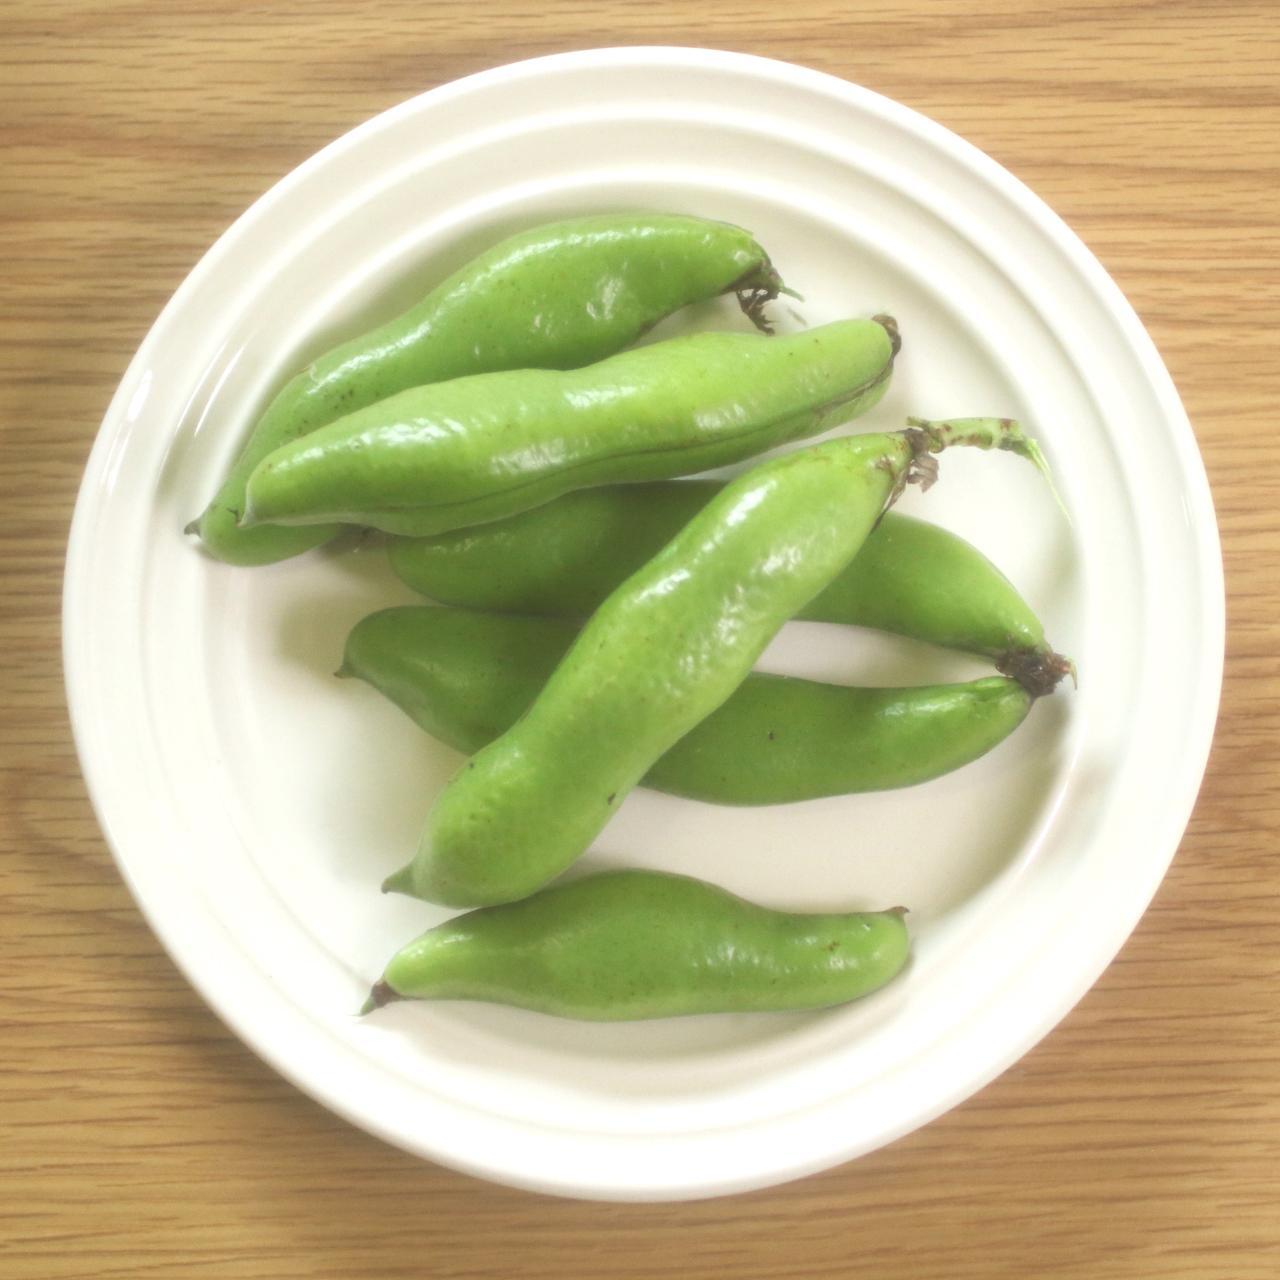 自然栽培で空豆を沢山収穫したら、豆板醤を作ってみよう!保存食・保存調味料